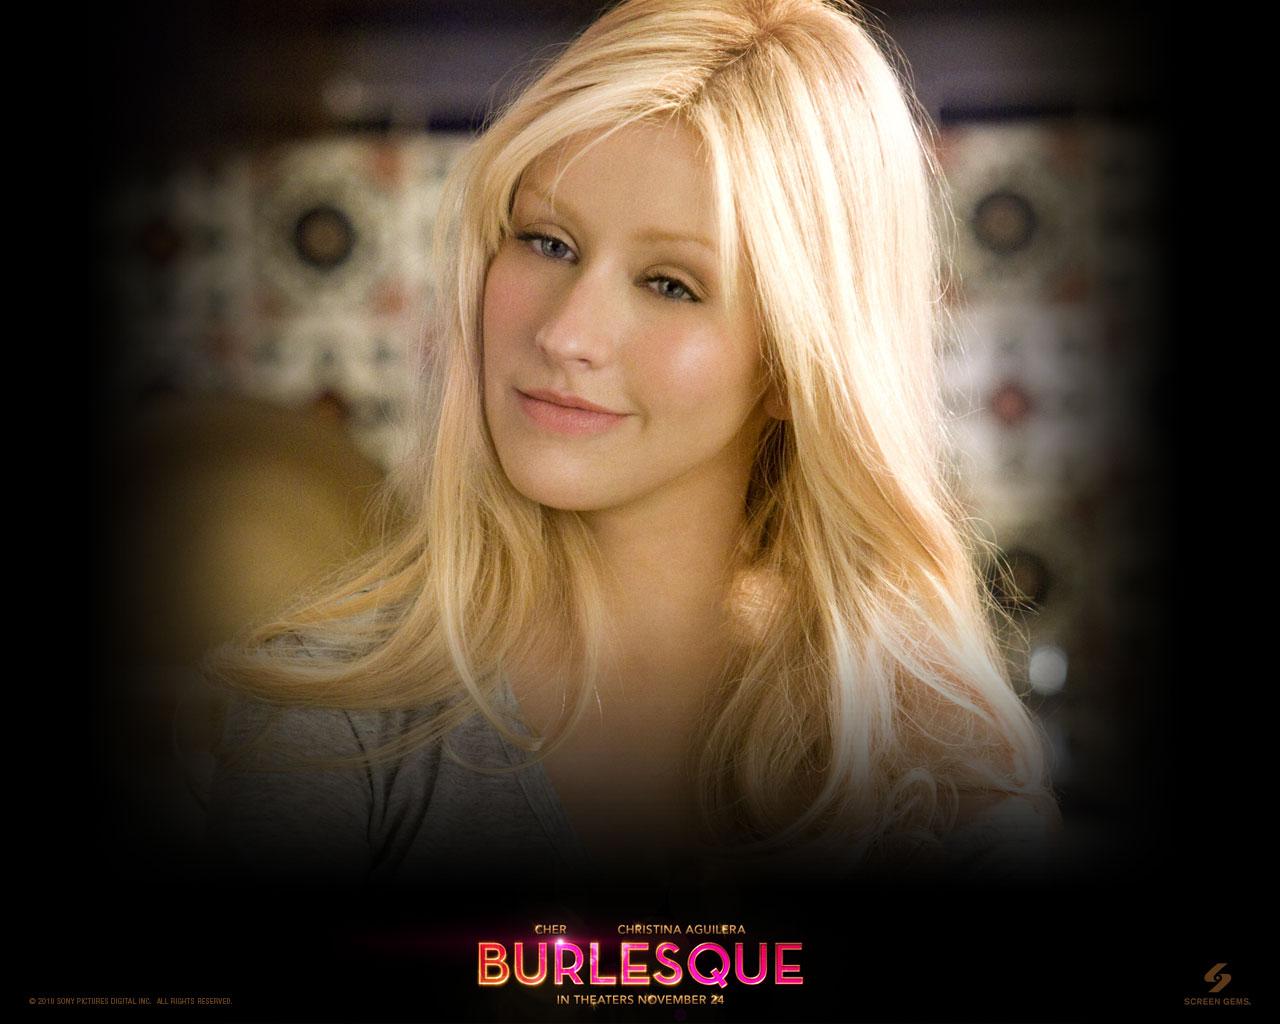 http://1.bp.blogspot.com/-5RQ7u4C204Y/TscY3_achbI/AAAAAAAAAfY/iQBLBe-TkFA/s1600/burlesque-wallpaper-hd-5-779140.jpg